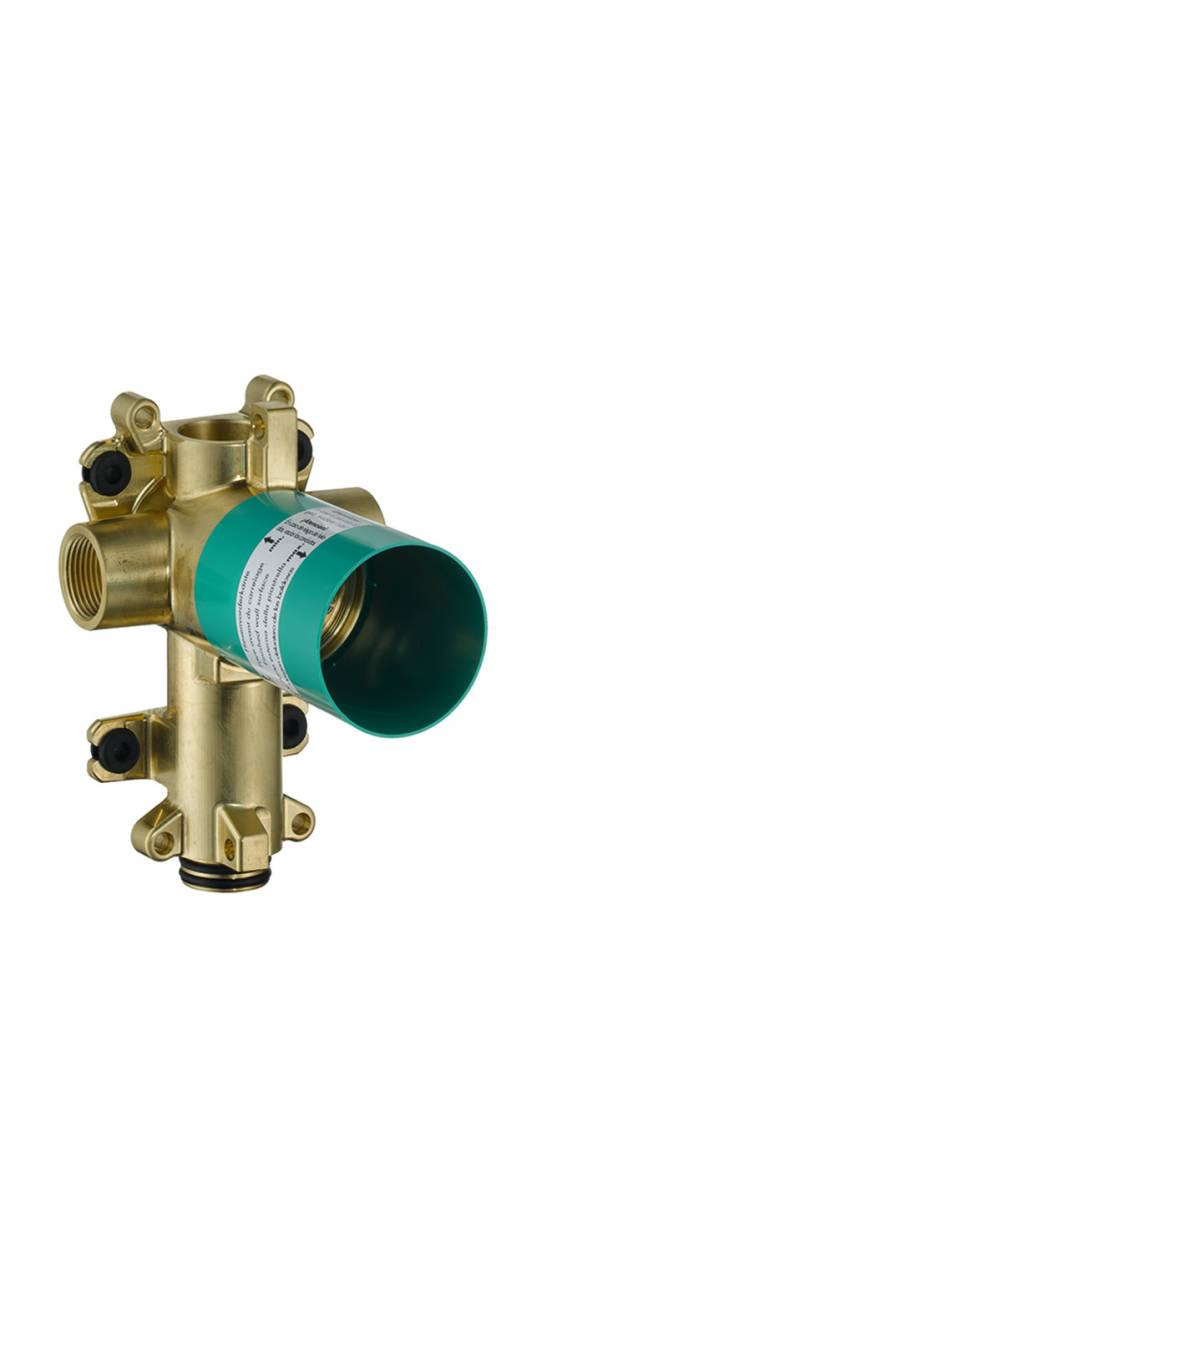 Basic set for shut-off/ diverter valve Trio 120/120 for concealed installation, n.a., 36770180